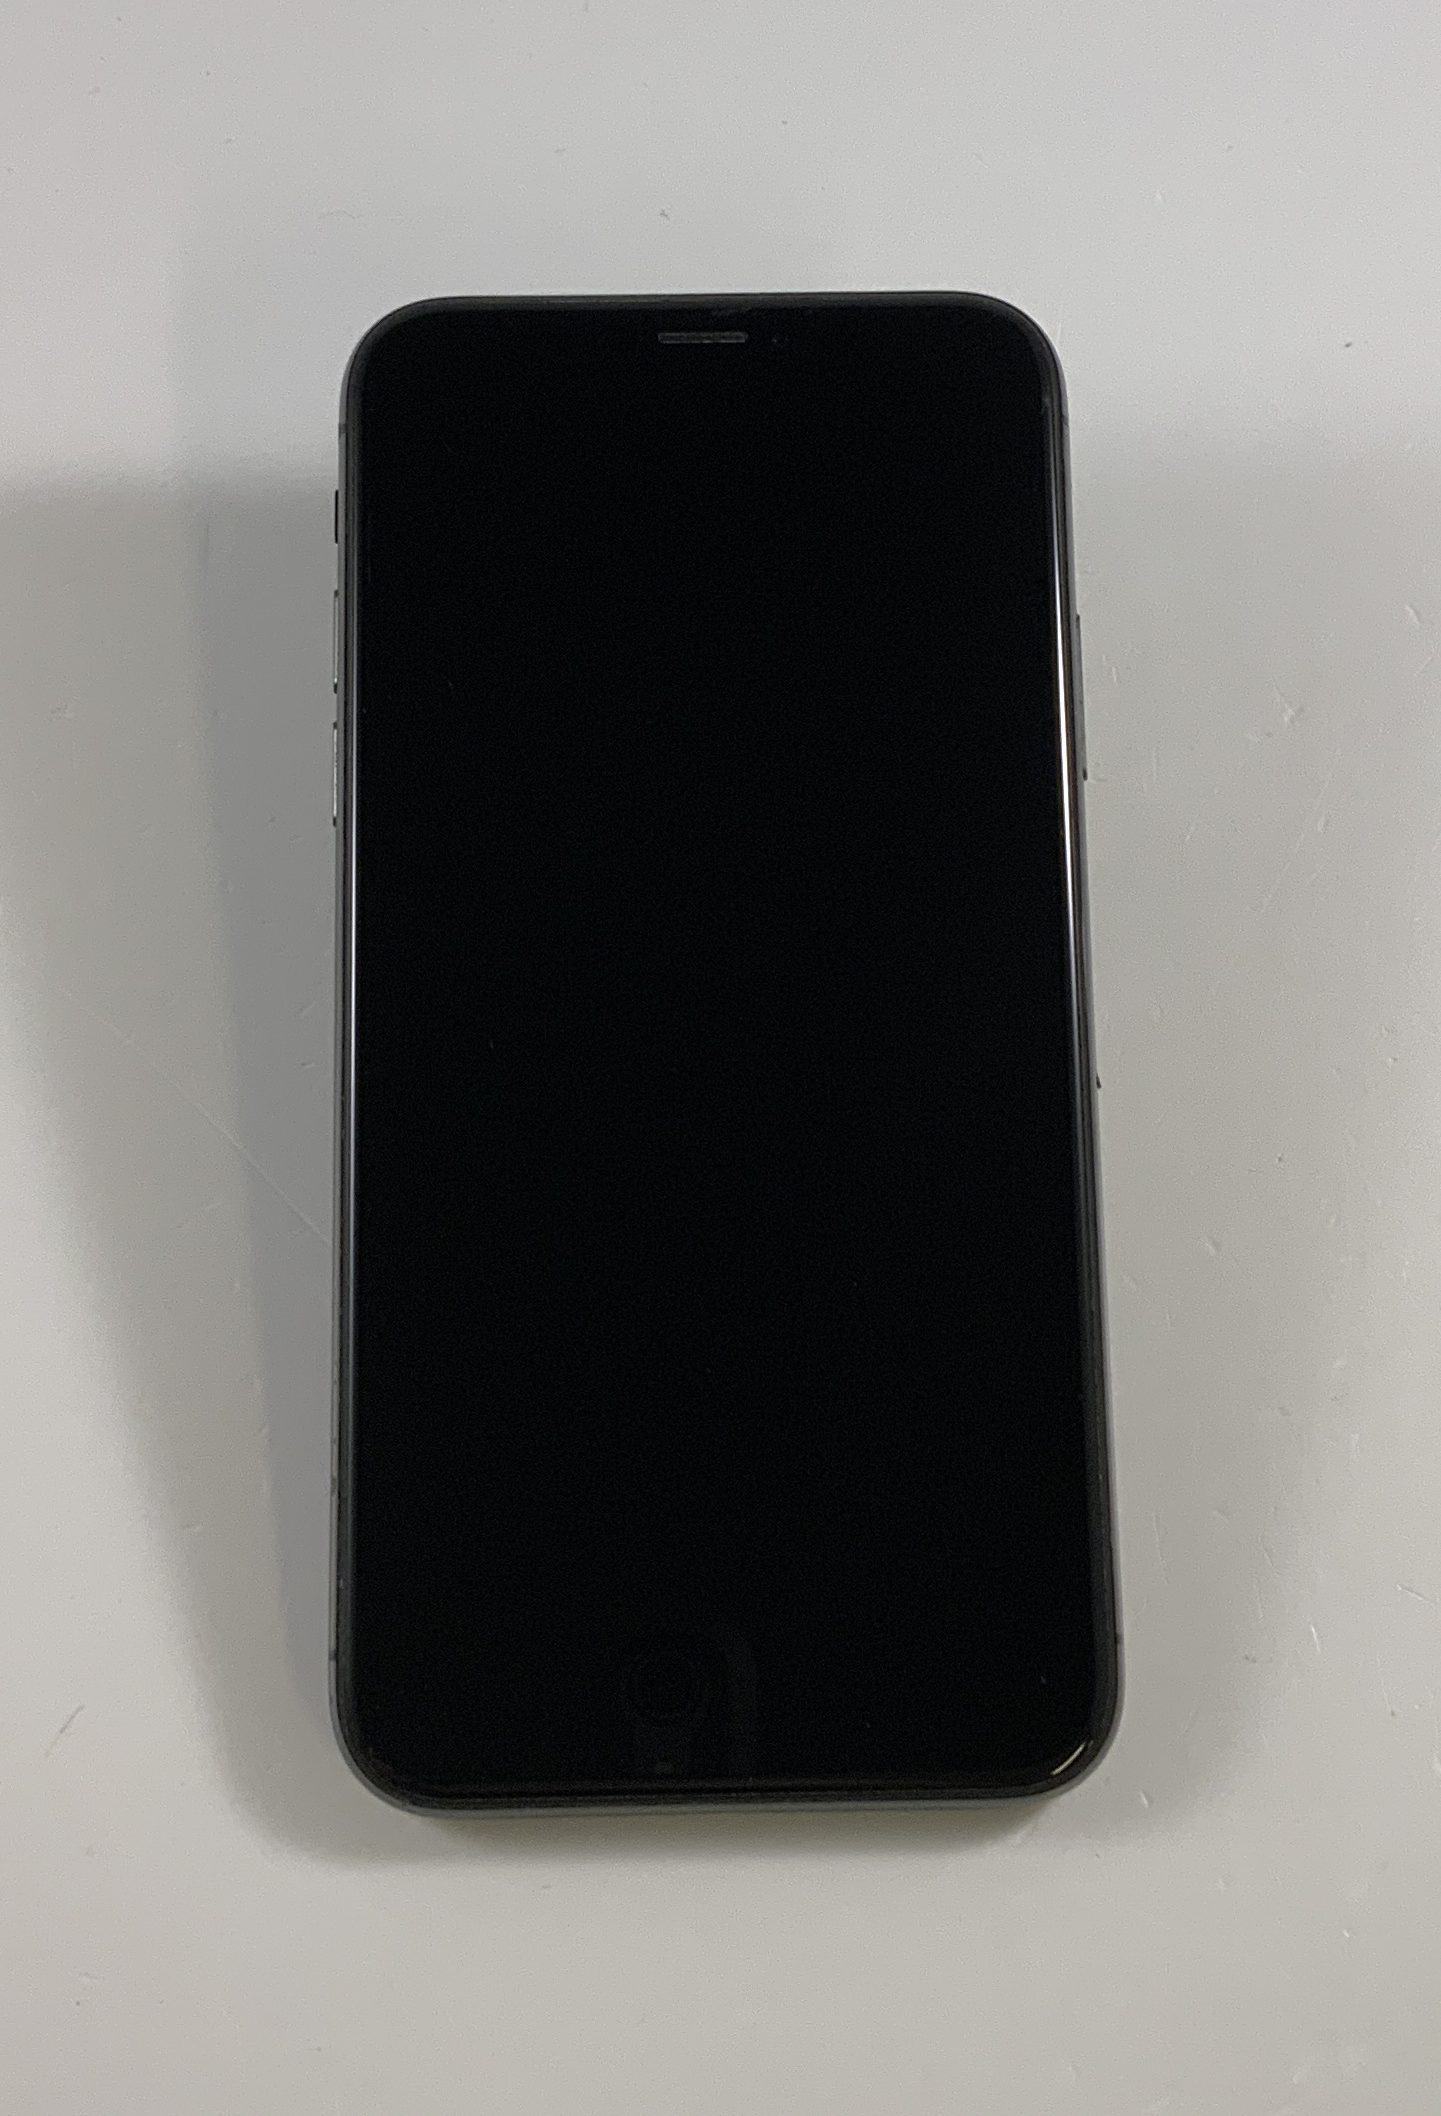 iPhone X 256GB, 256GB, Space Gray, Kuva 1